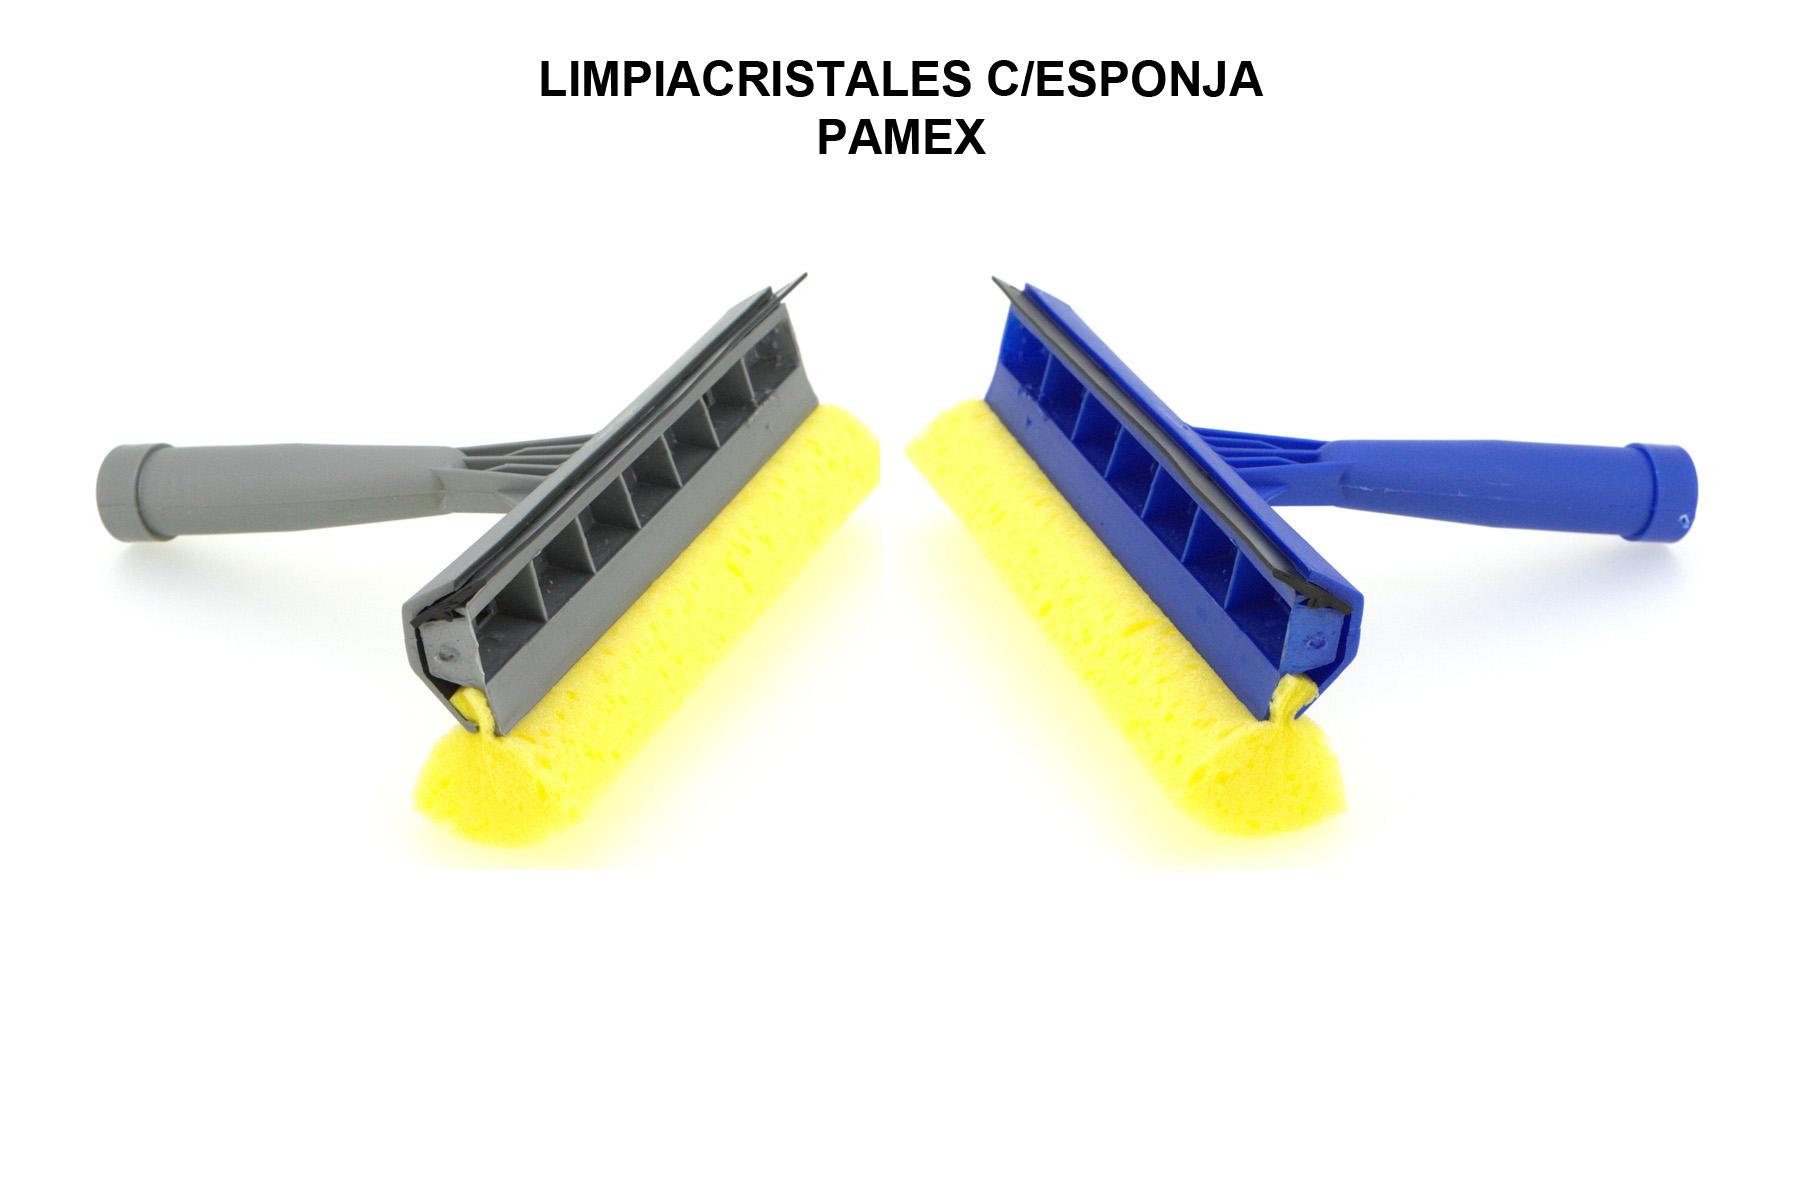 LIMPIACRISTALES C/ESPONJA PAMEX